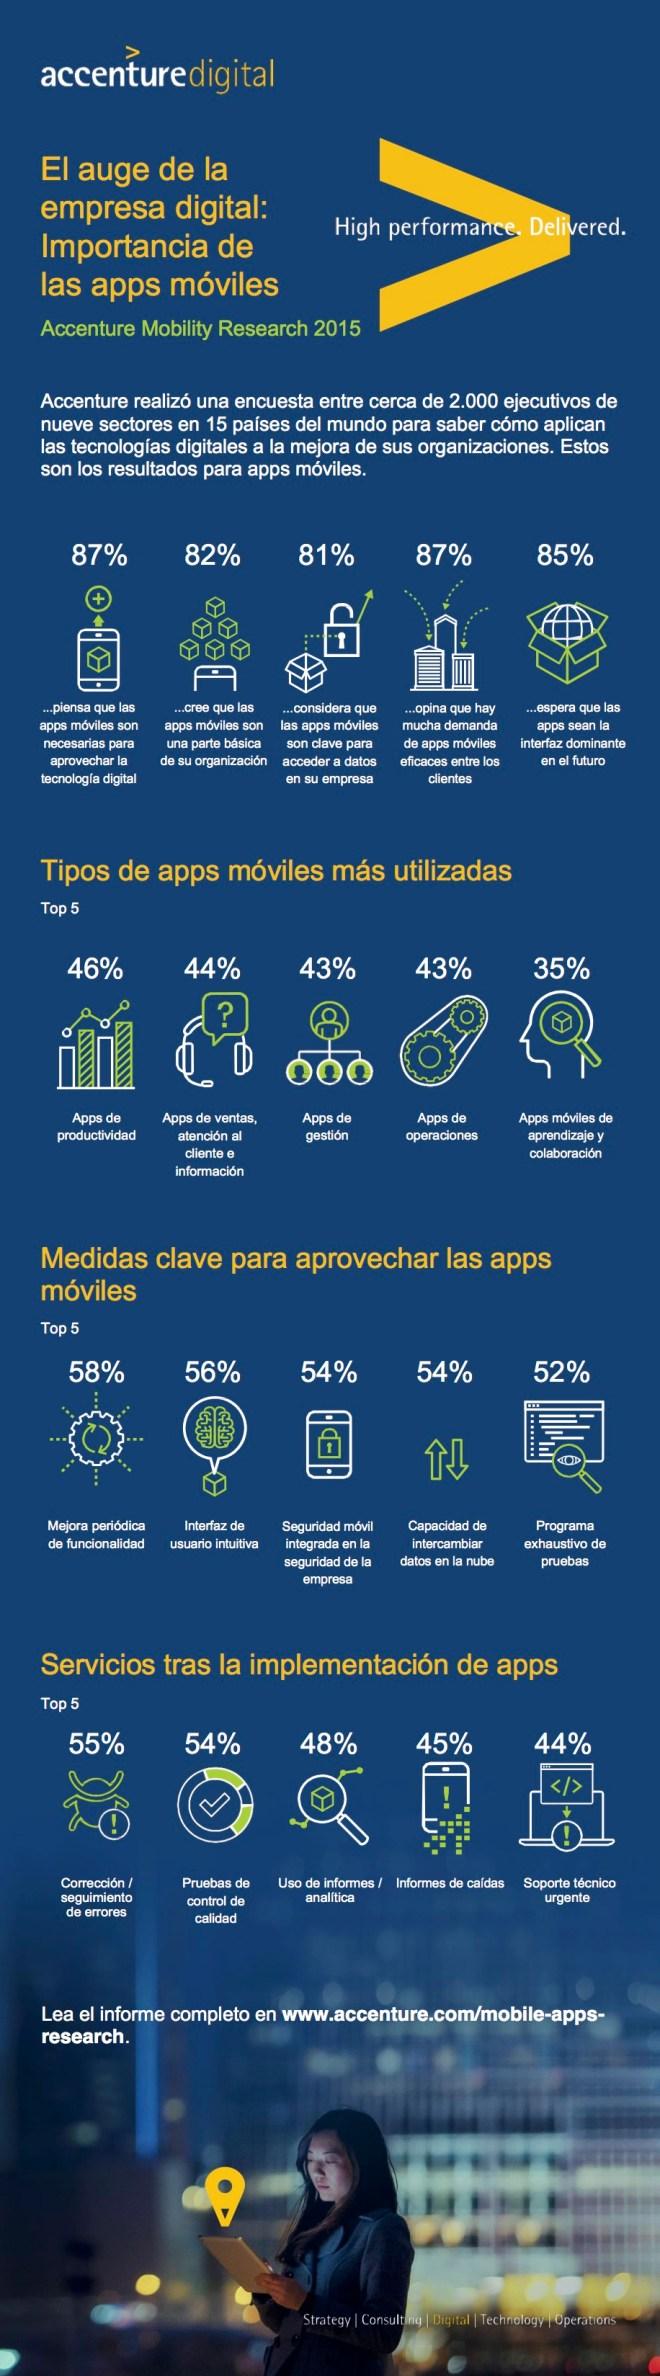 La importancia de las APPs móviles para la empresa